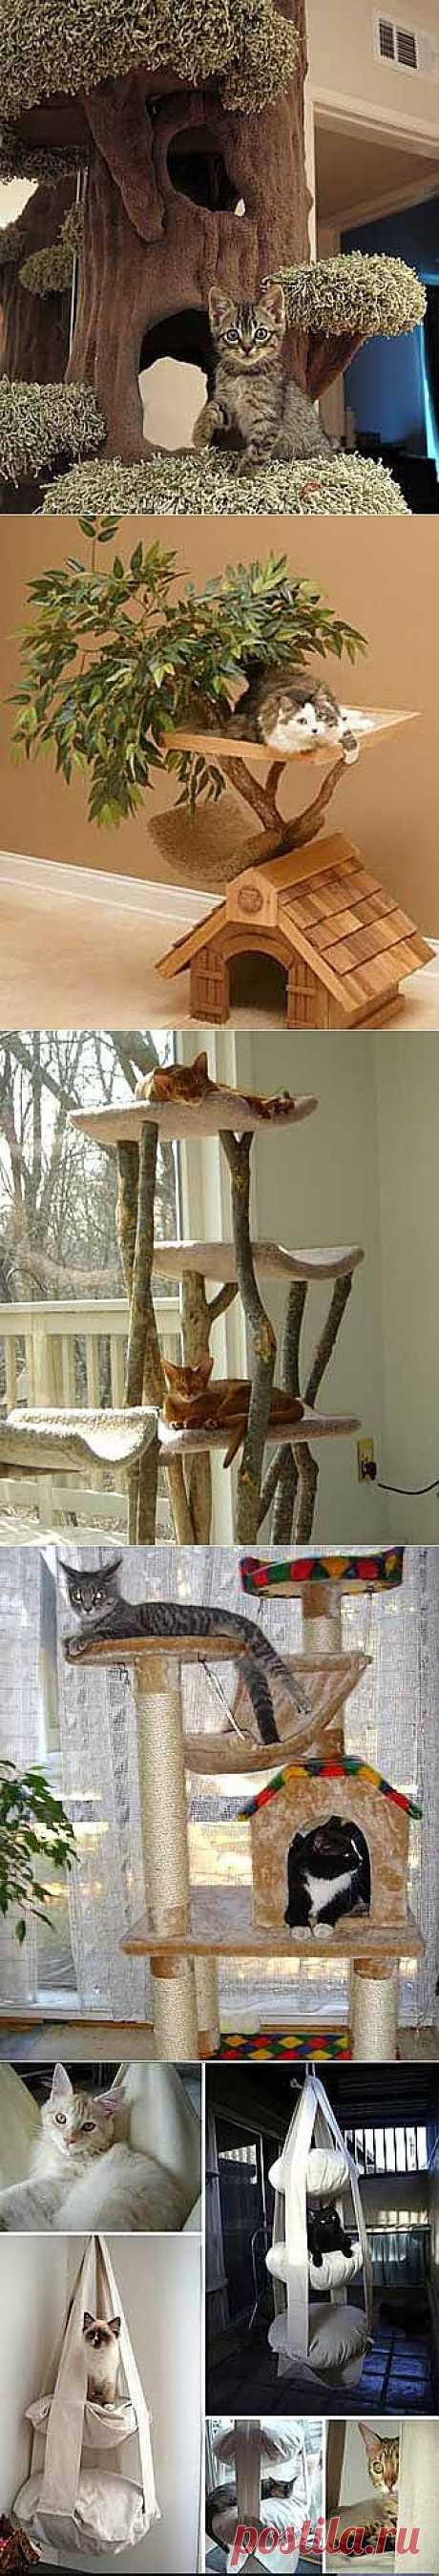 Идеи домиков для вашей кошки! Кошка в доме!.